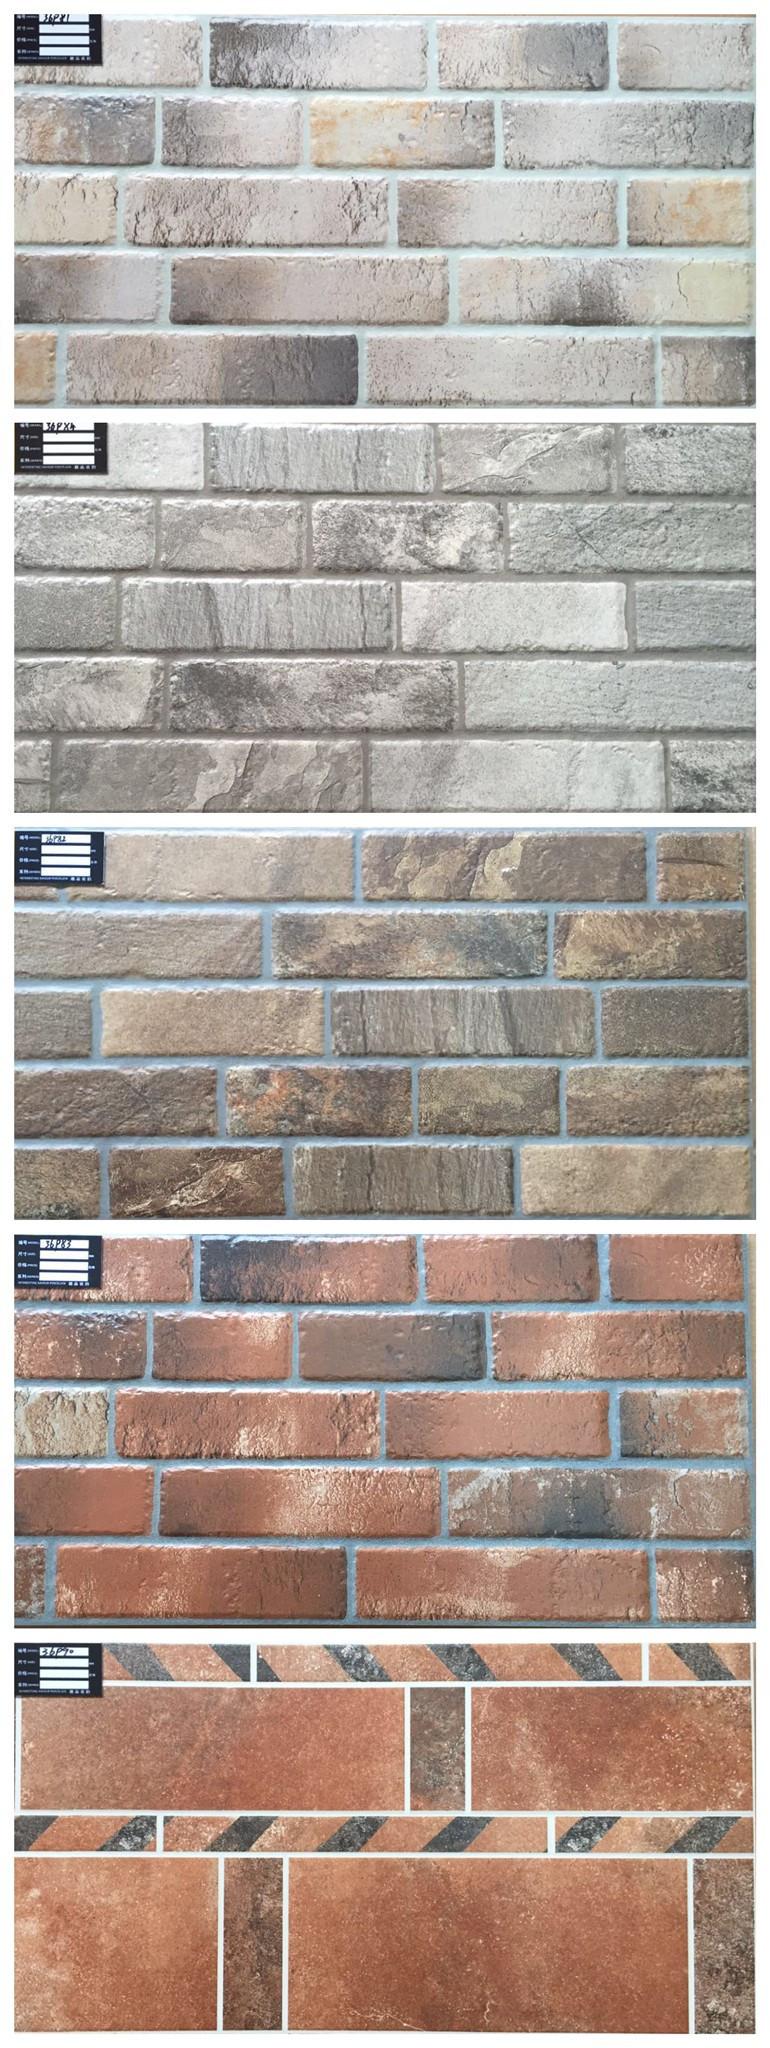 Imita O Artificial Decorativo Da Parede Exterior Em Pedra